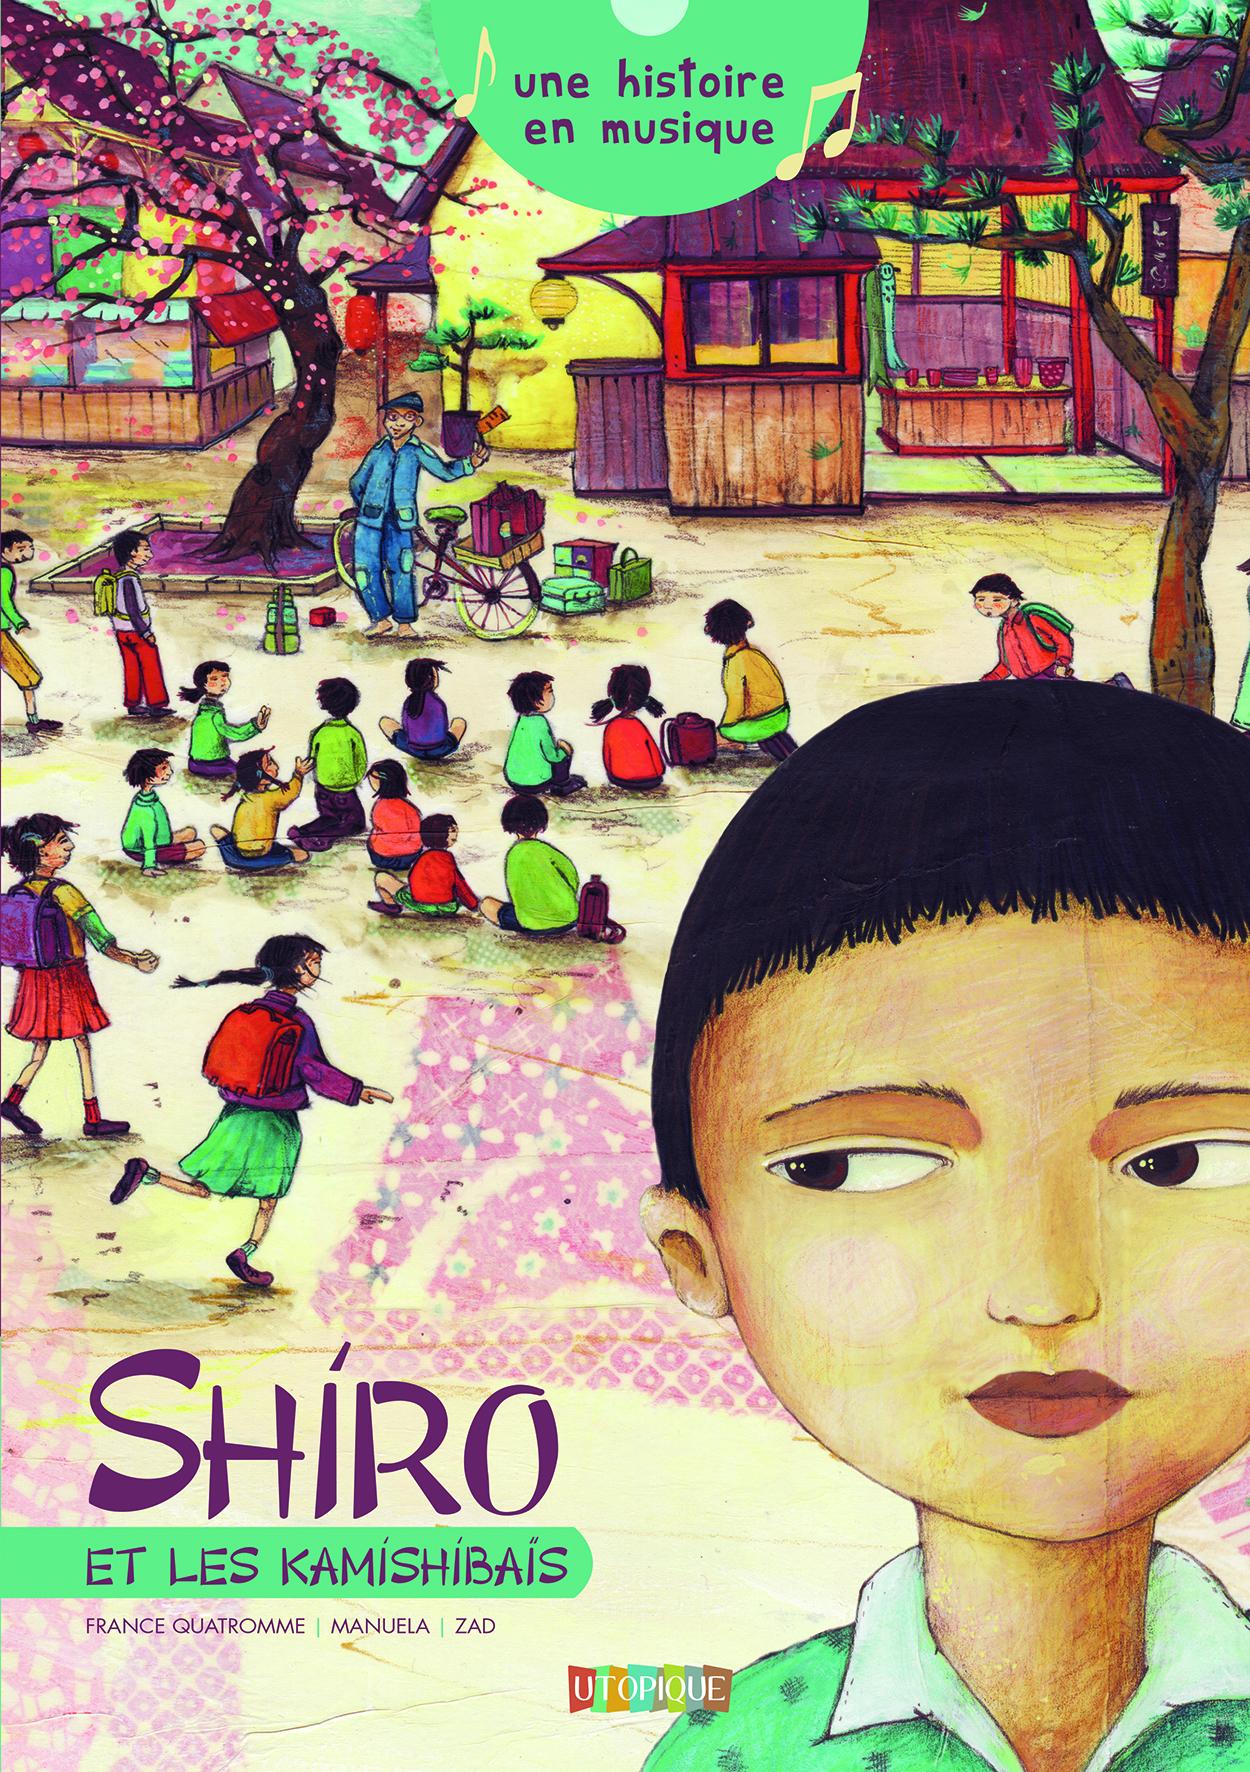 """Résultat de recherche d'images pour """"shiro et les kamishibaïs"""""""